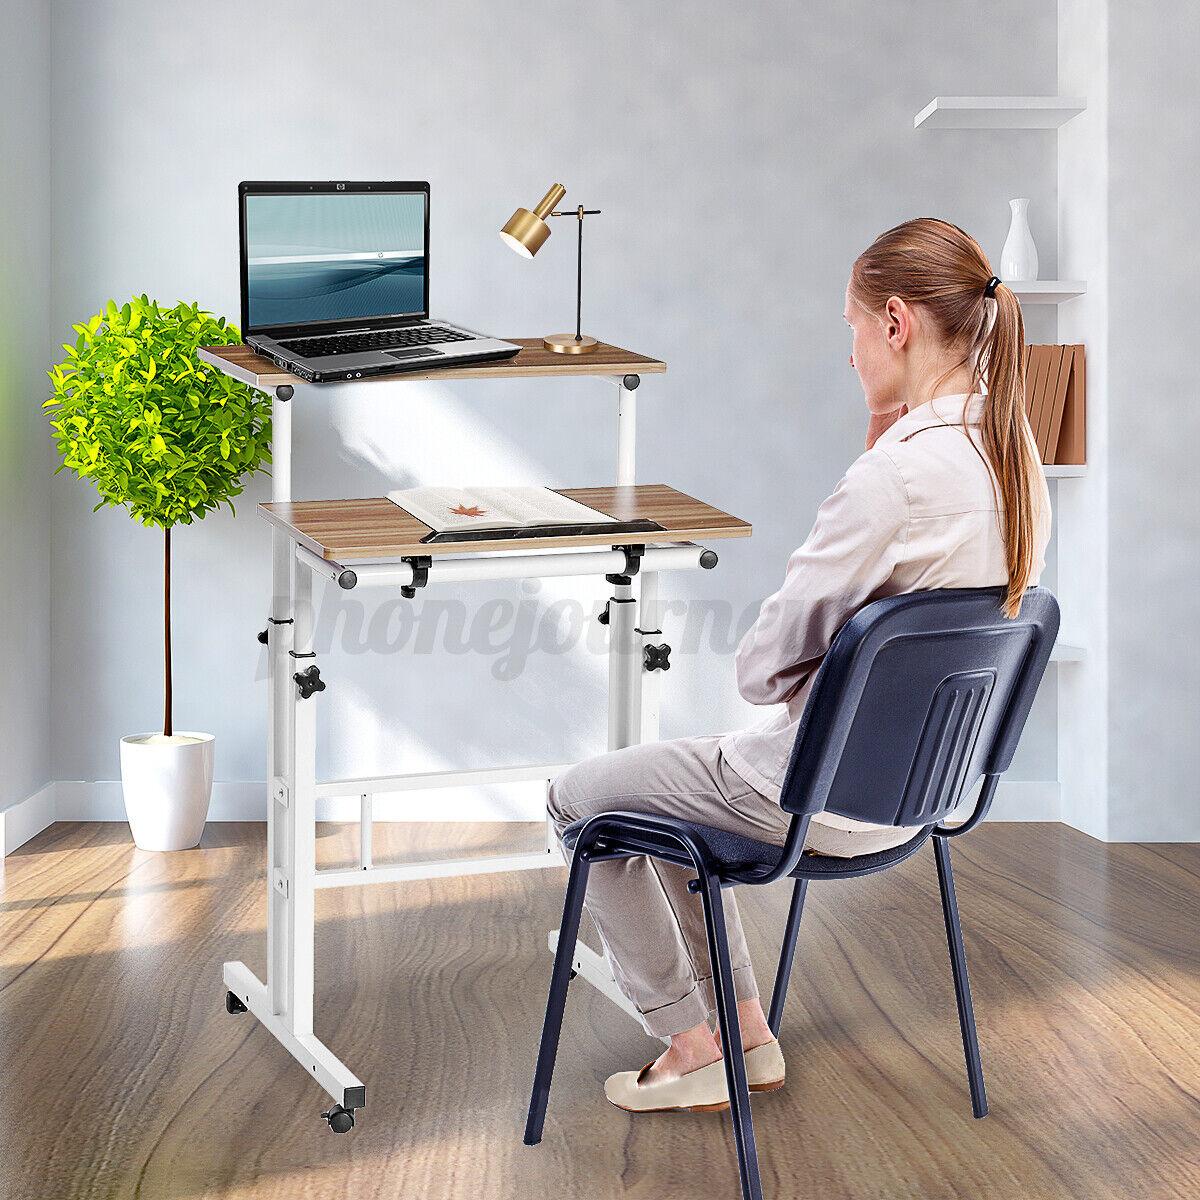 Sit /& Stand Mobile Workstation Home Rolling Desktop PC Desk Computer Table